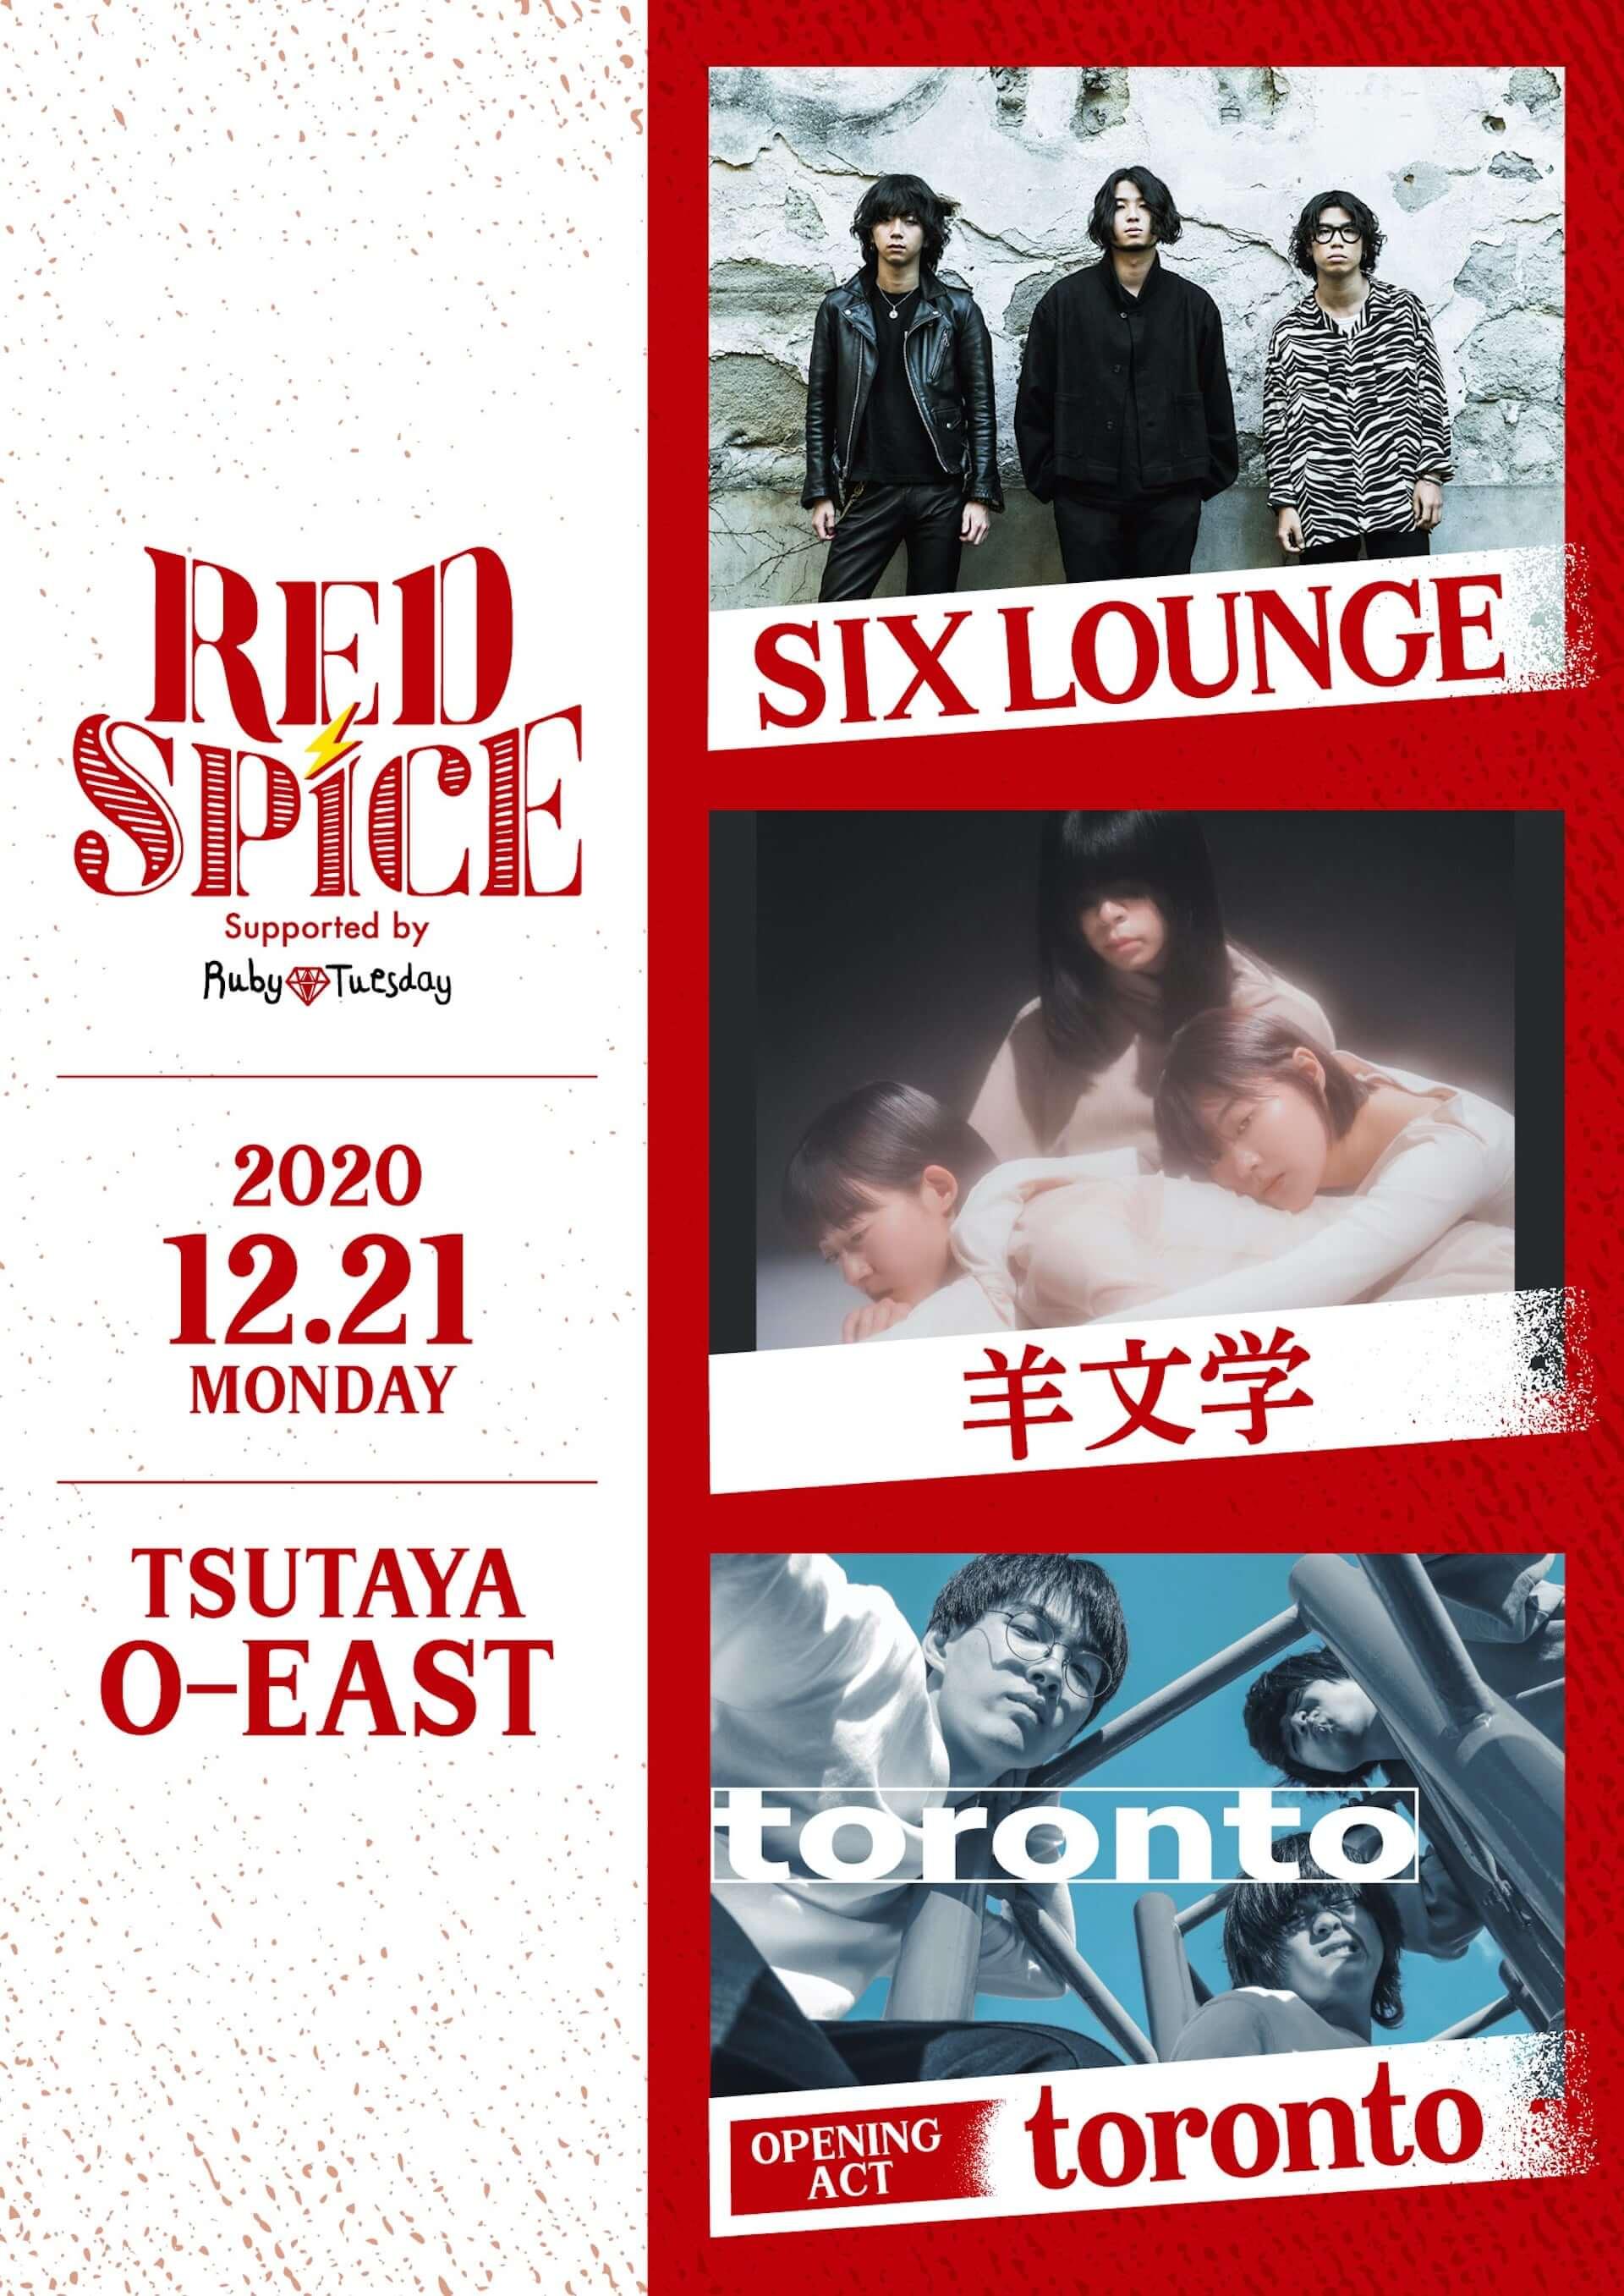 新イベント<RED SPICE>&<of BLUE>のオープニングアクトが発表!浪漫革命、ベルマインツ、torontoが登場 music201112_redspice-ofblue_1-1920x2714